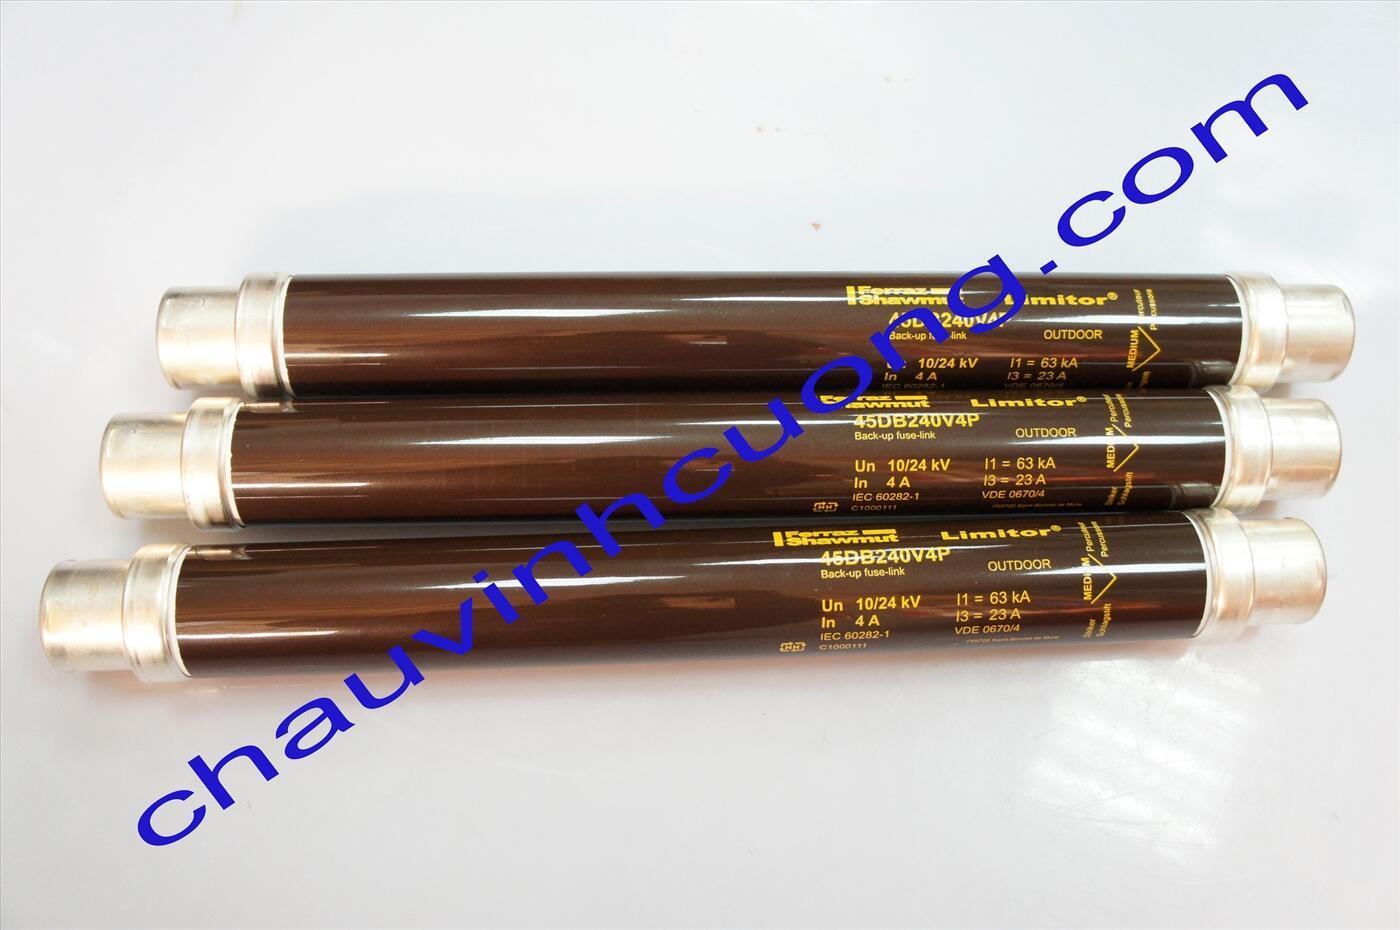 Cầu chì trung thế 24kV 4A Ferraz Shawmut 45DB240V4P